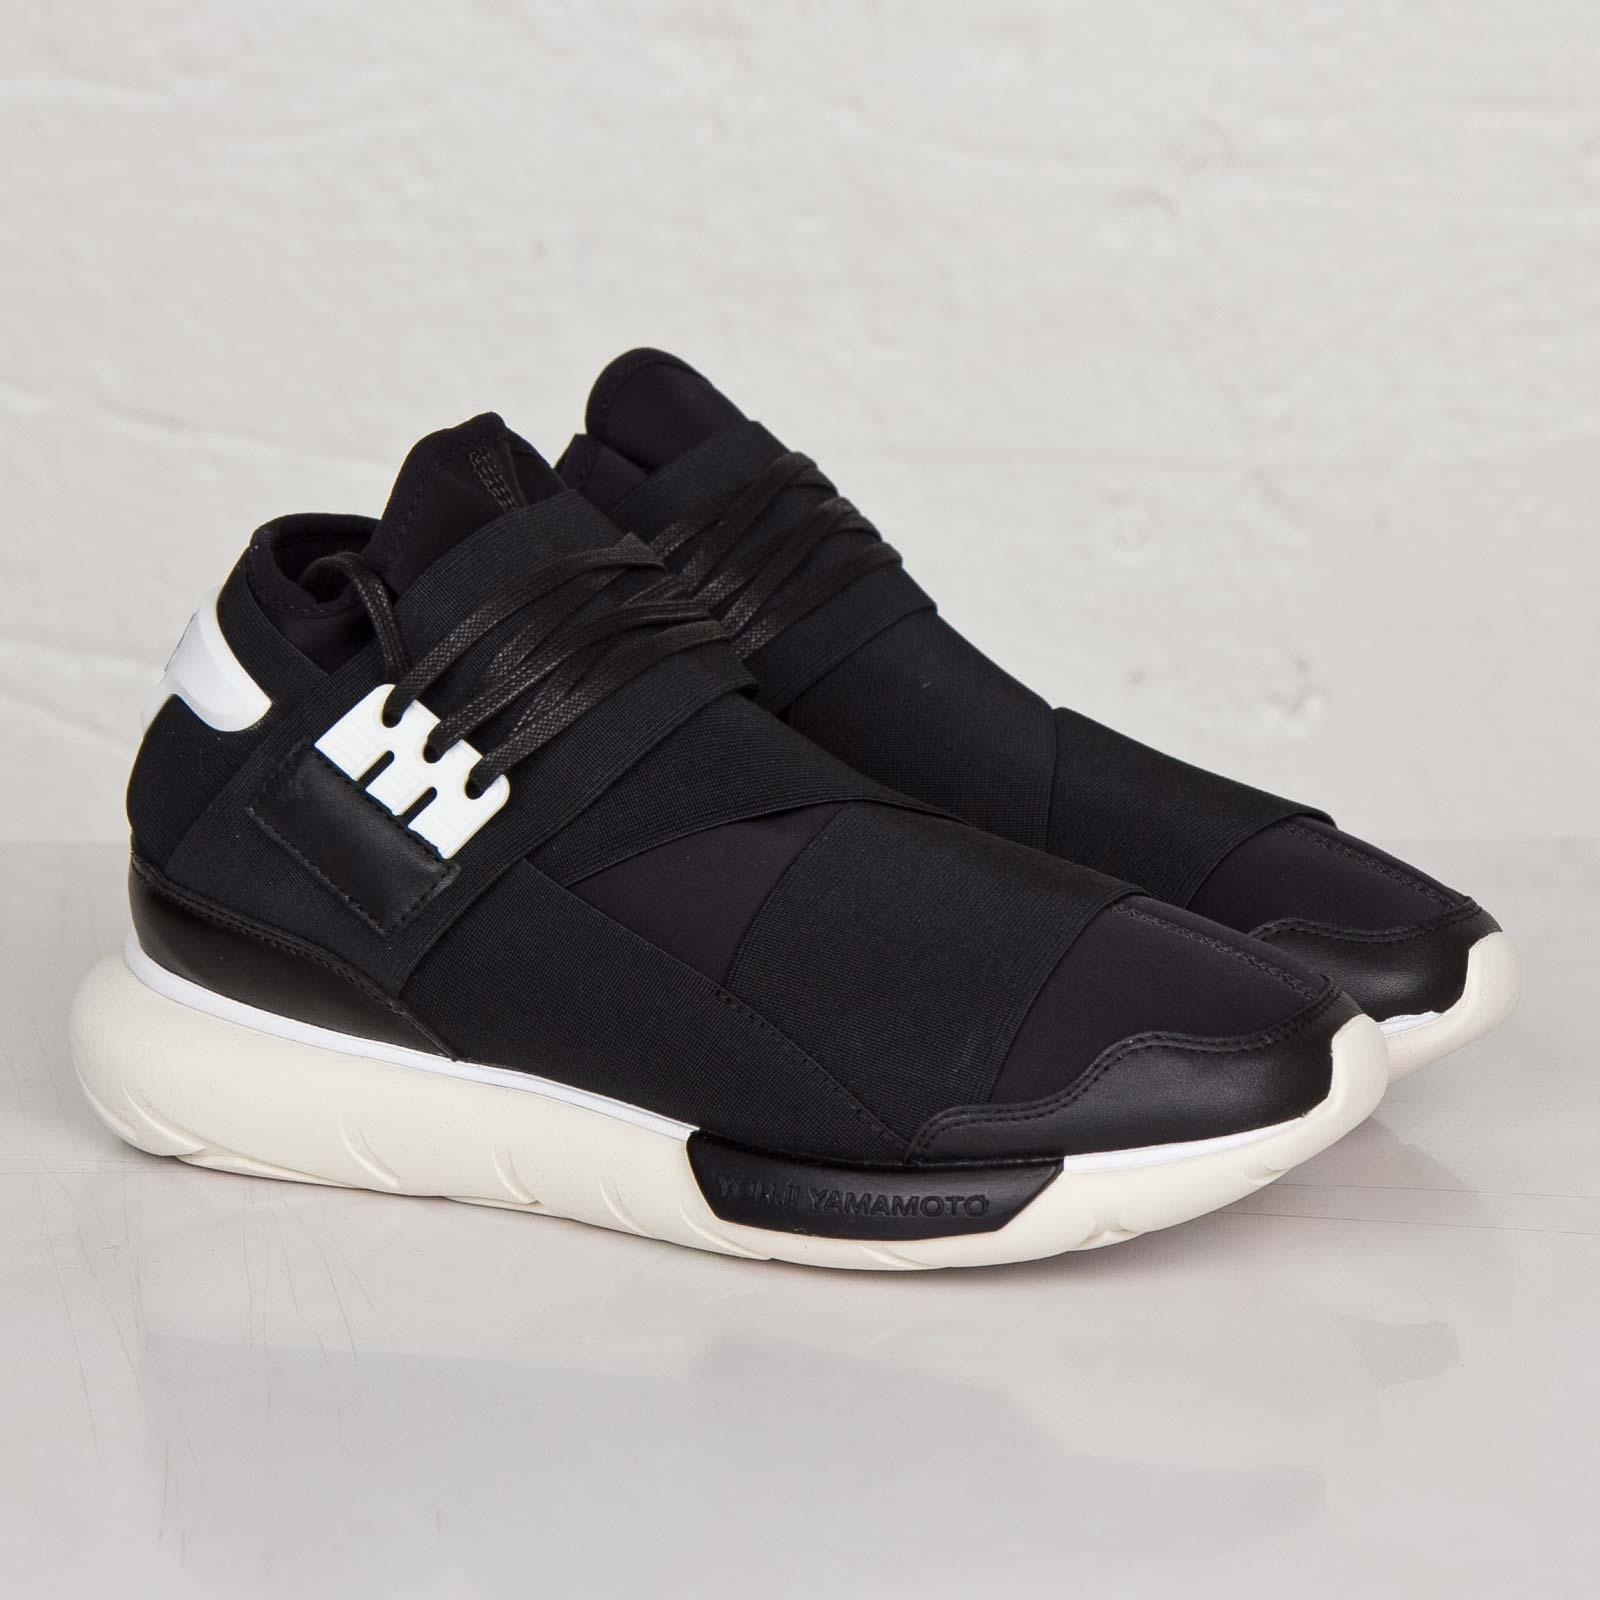 adidas Y-3 Qasa High - B35673 - Sneakersnstuff  dc10624b25